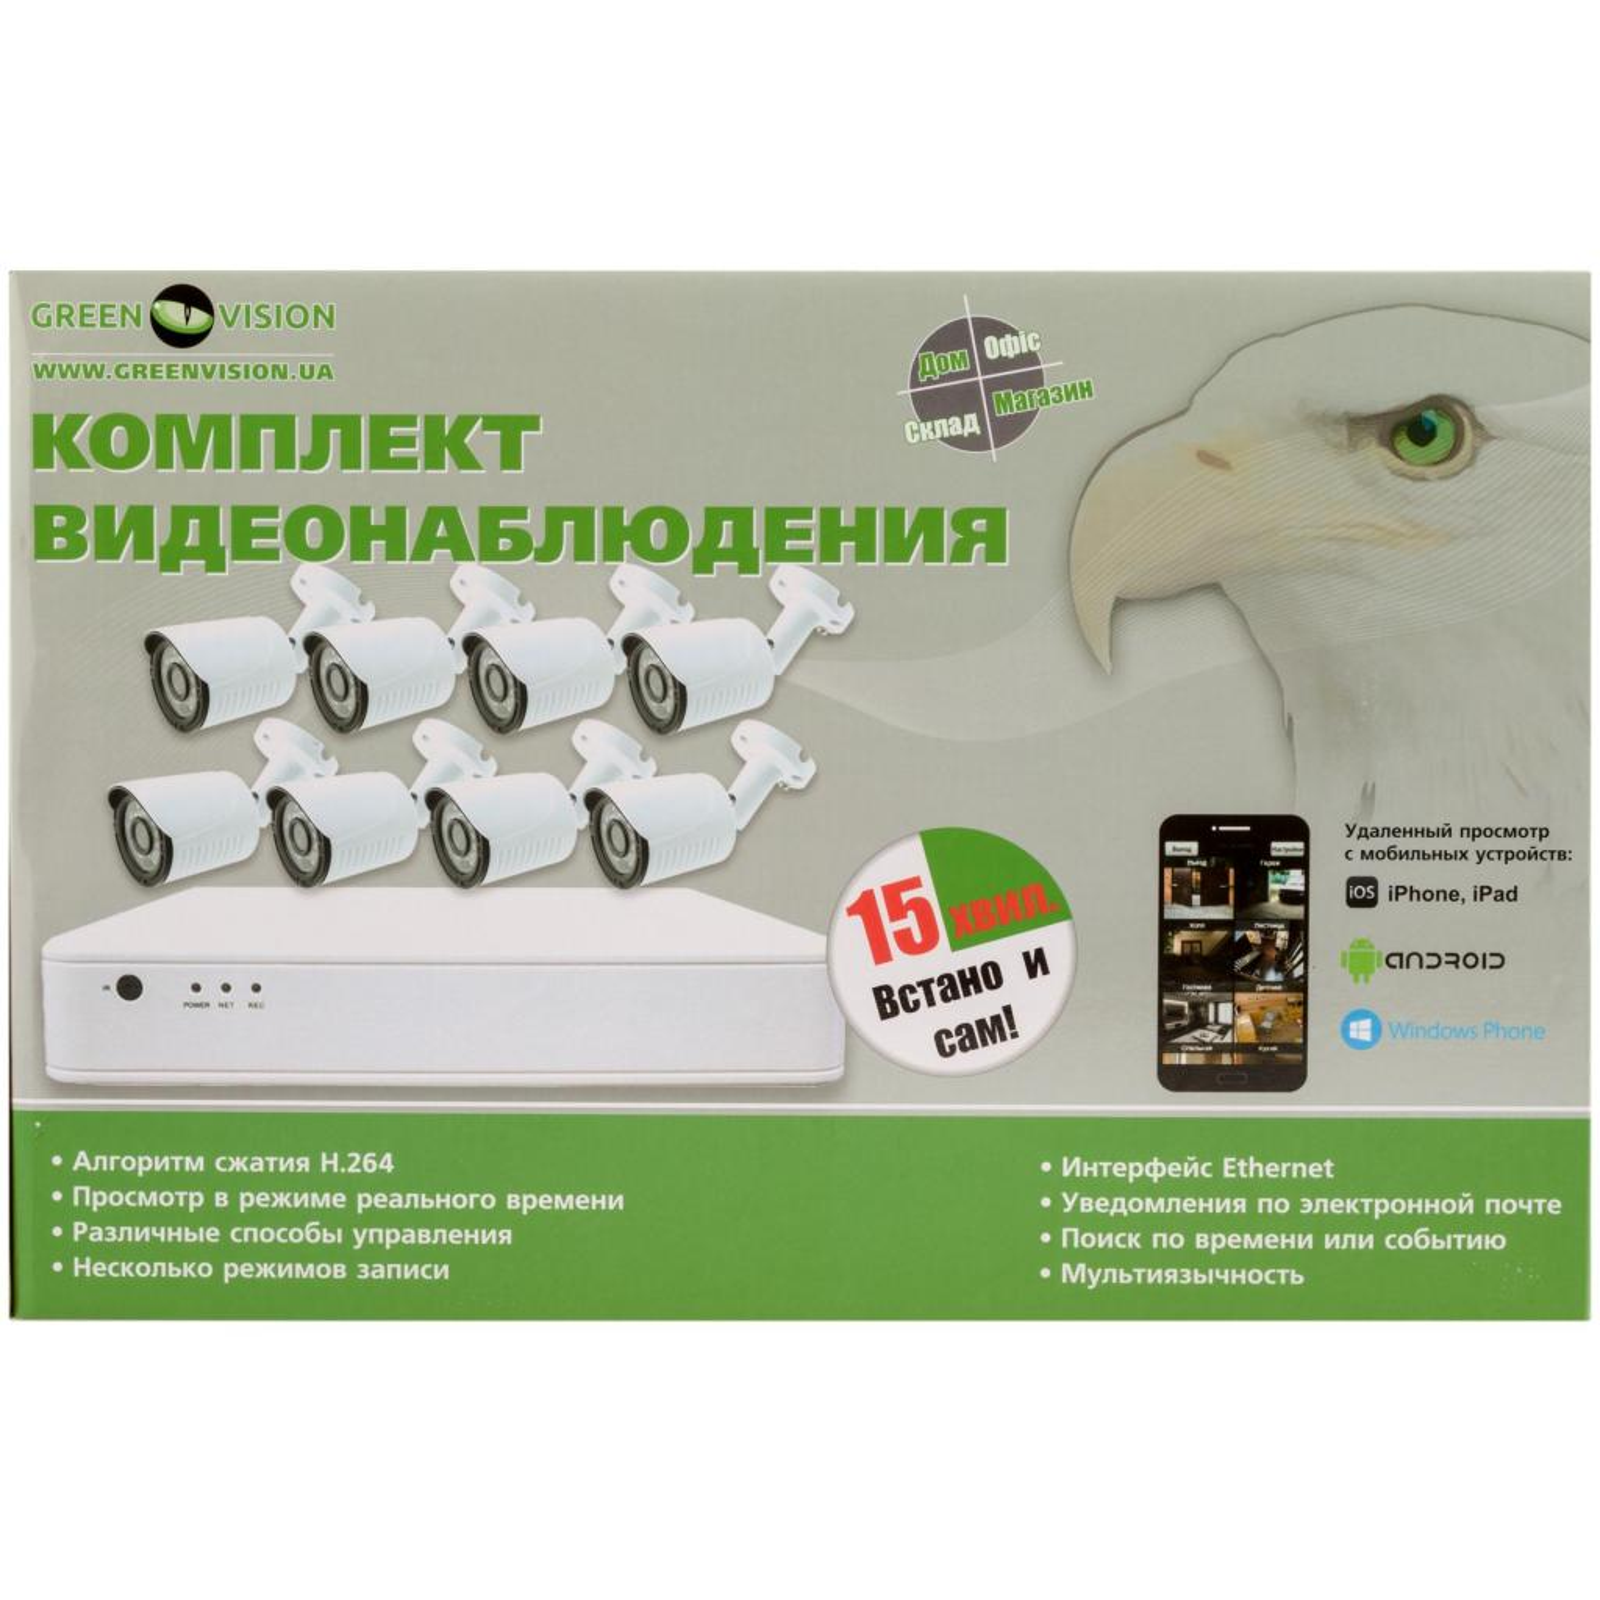 Комплект видеонаблюдения Greenvision GV-K-S14/08 1080P (5526) изображение 3